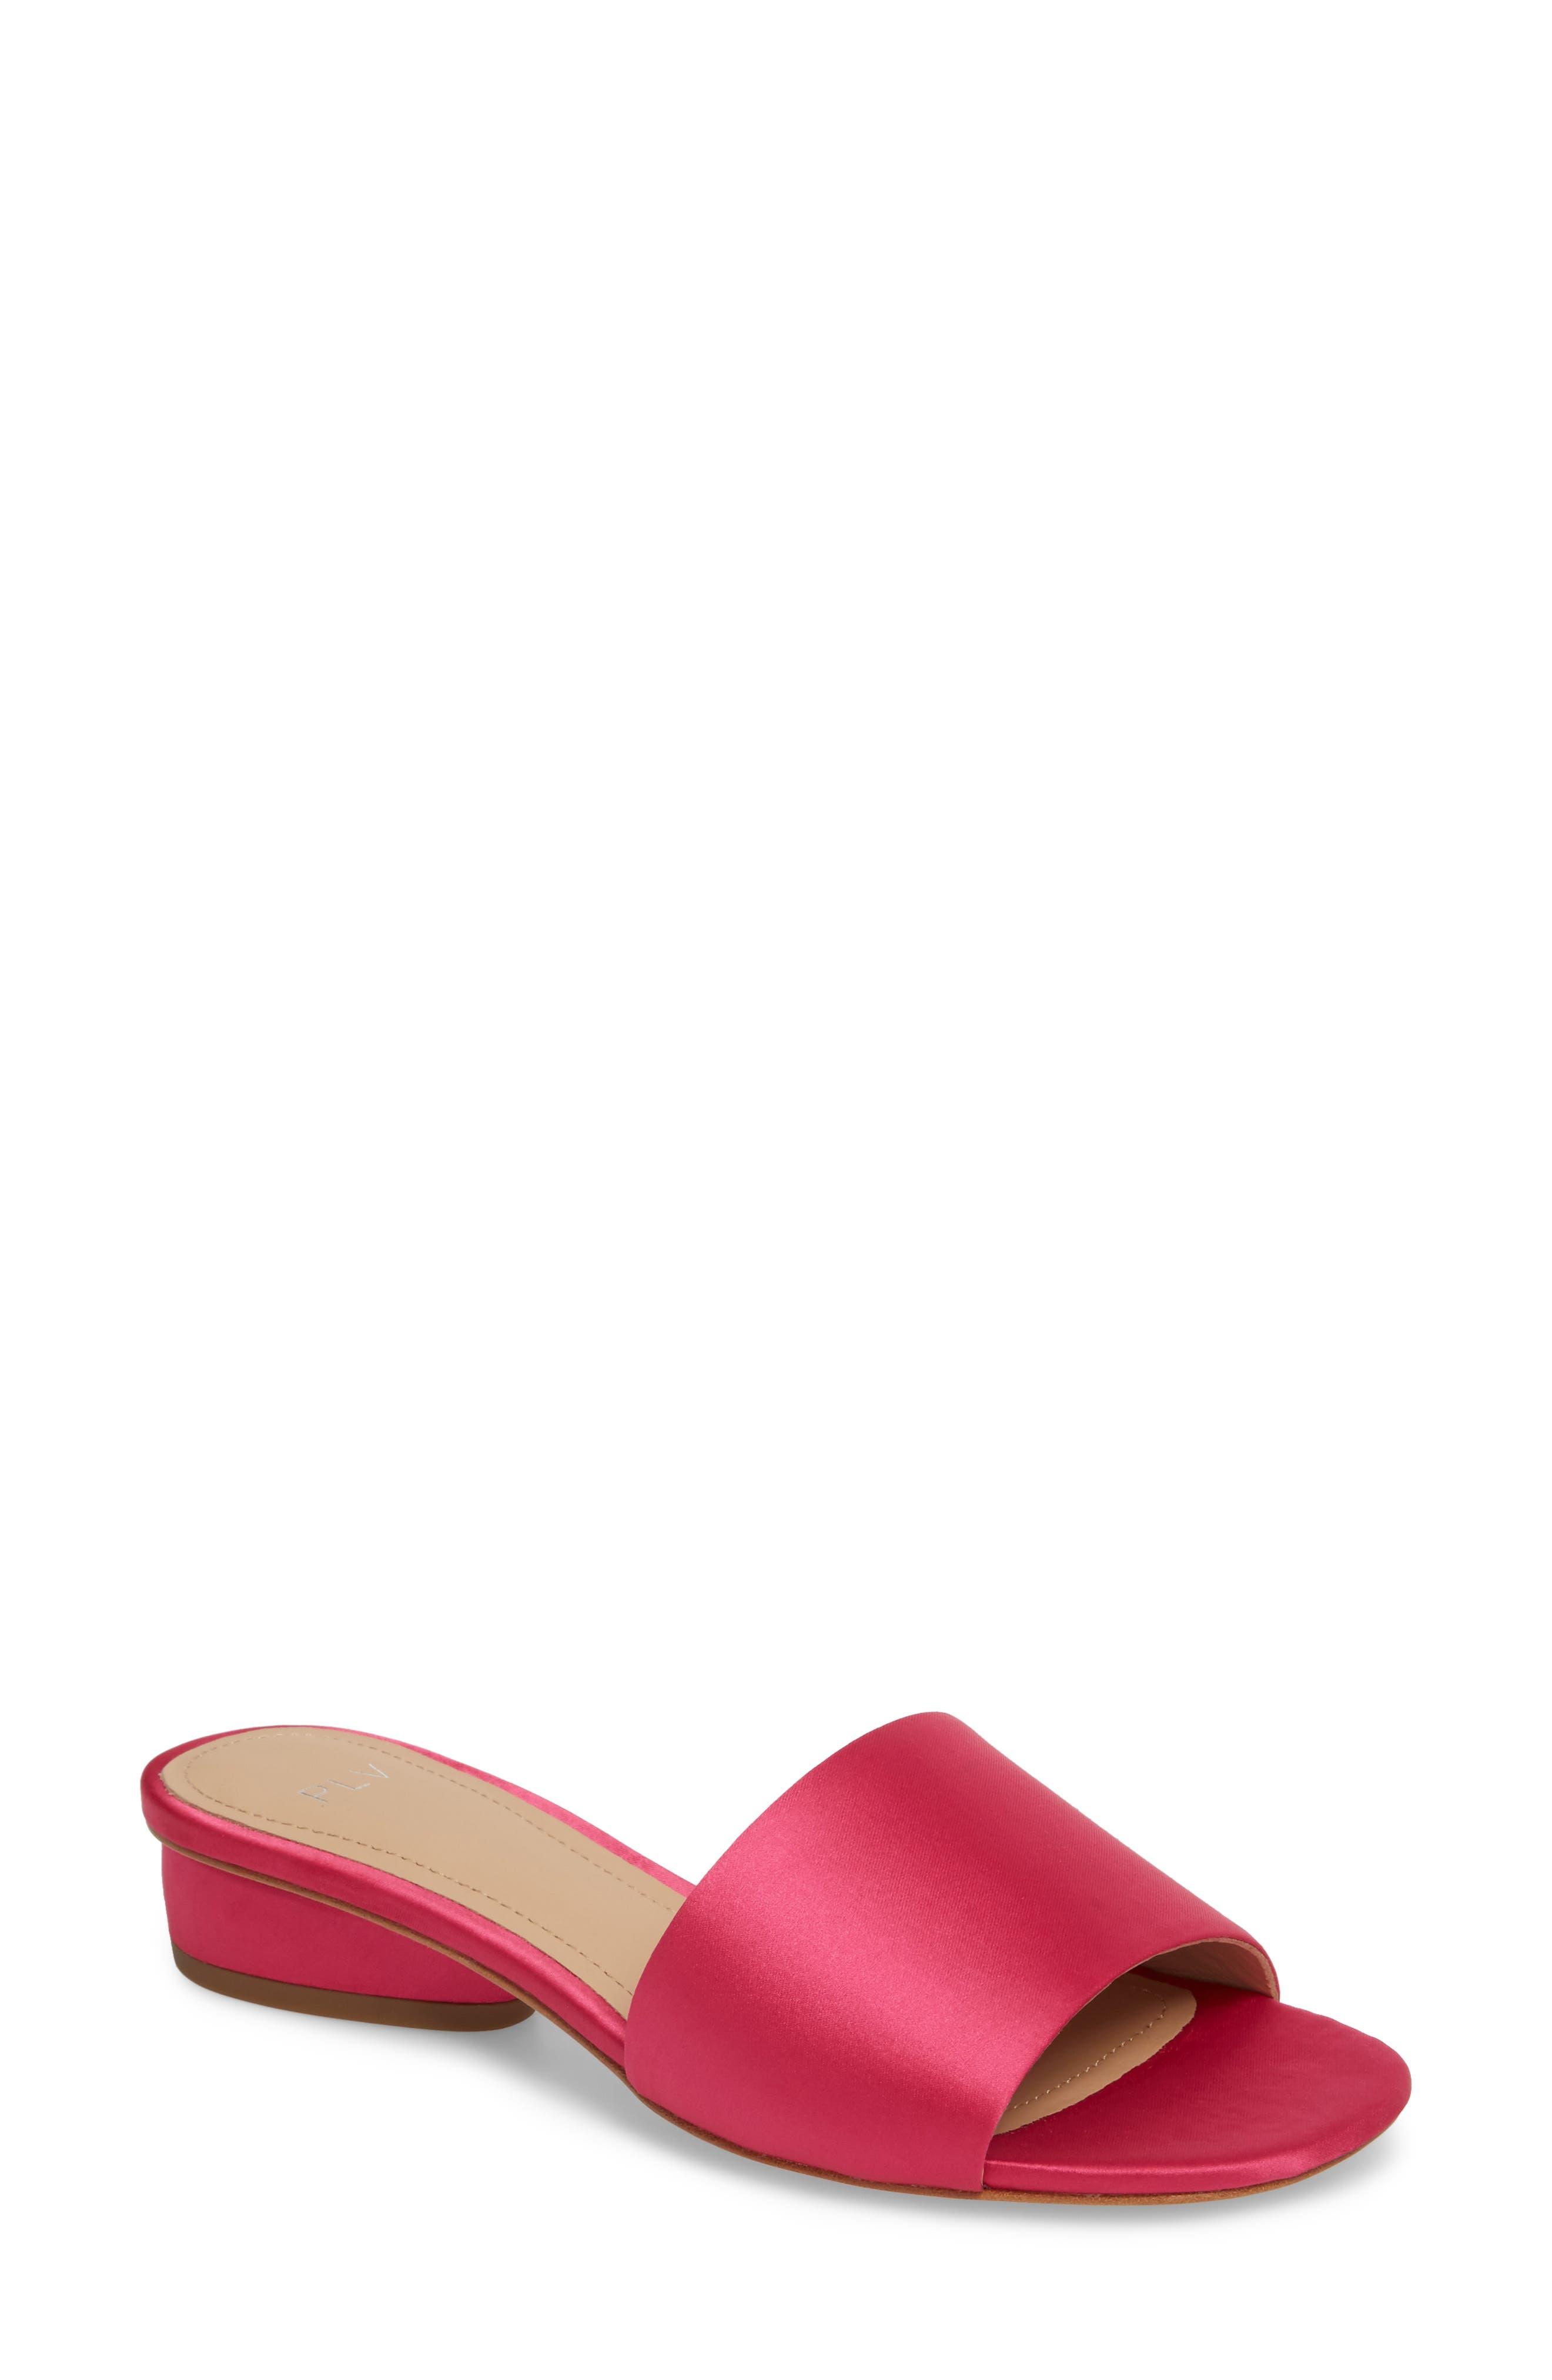 Mallory Slide Sandal,                         Main,                         color, Azalea Satin